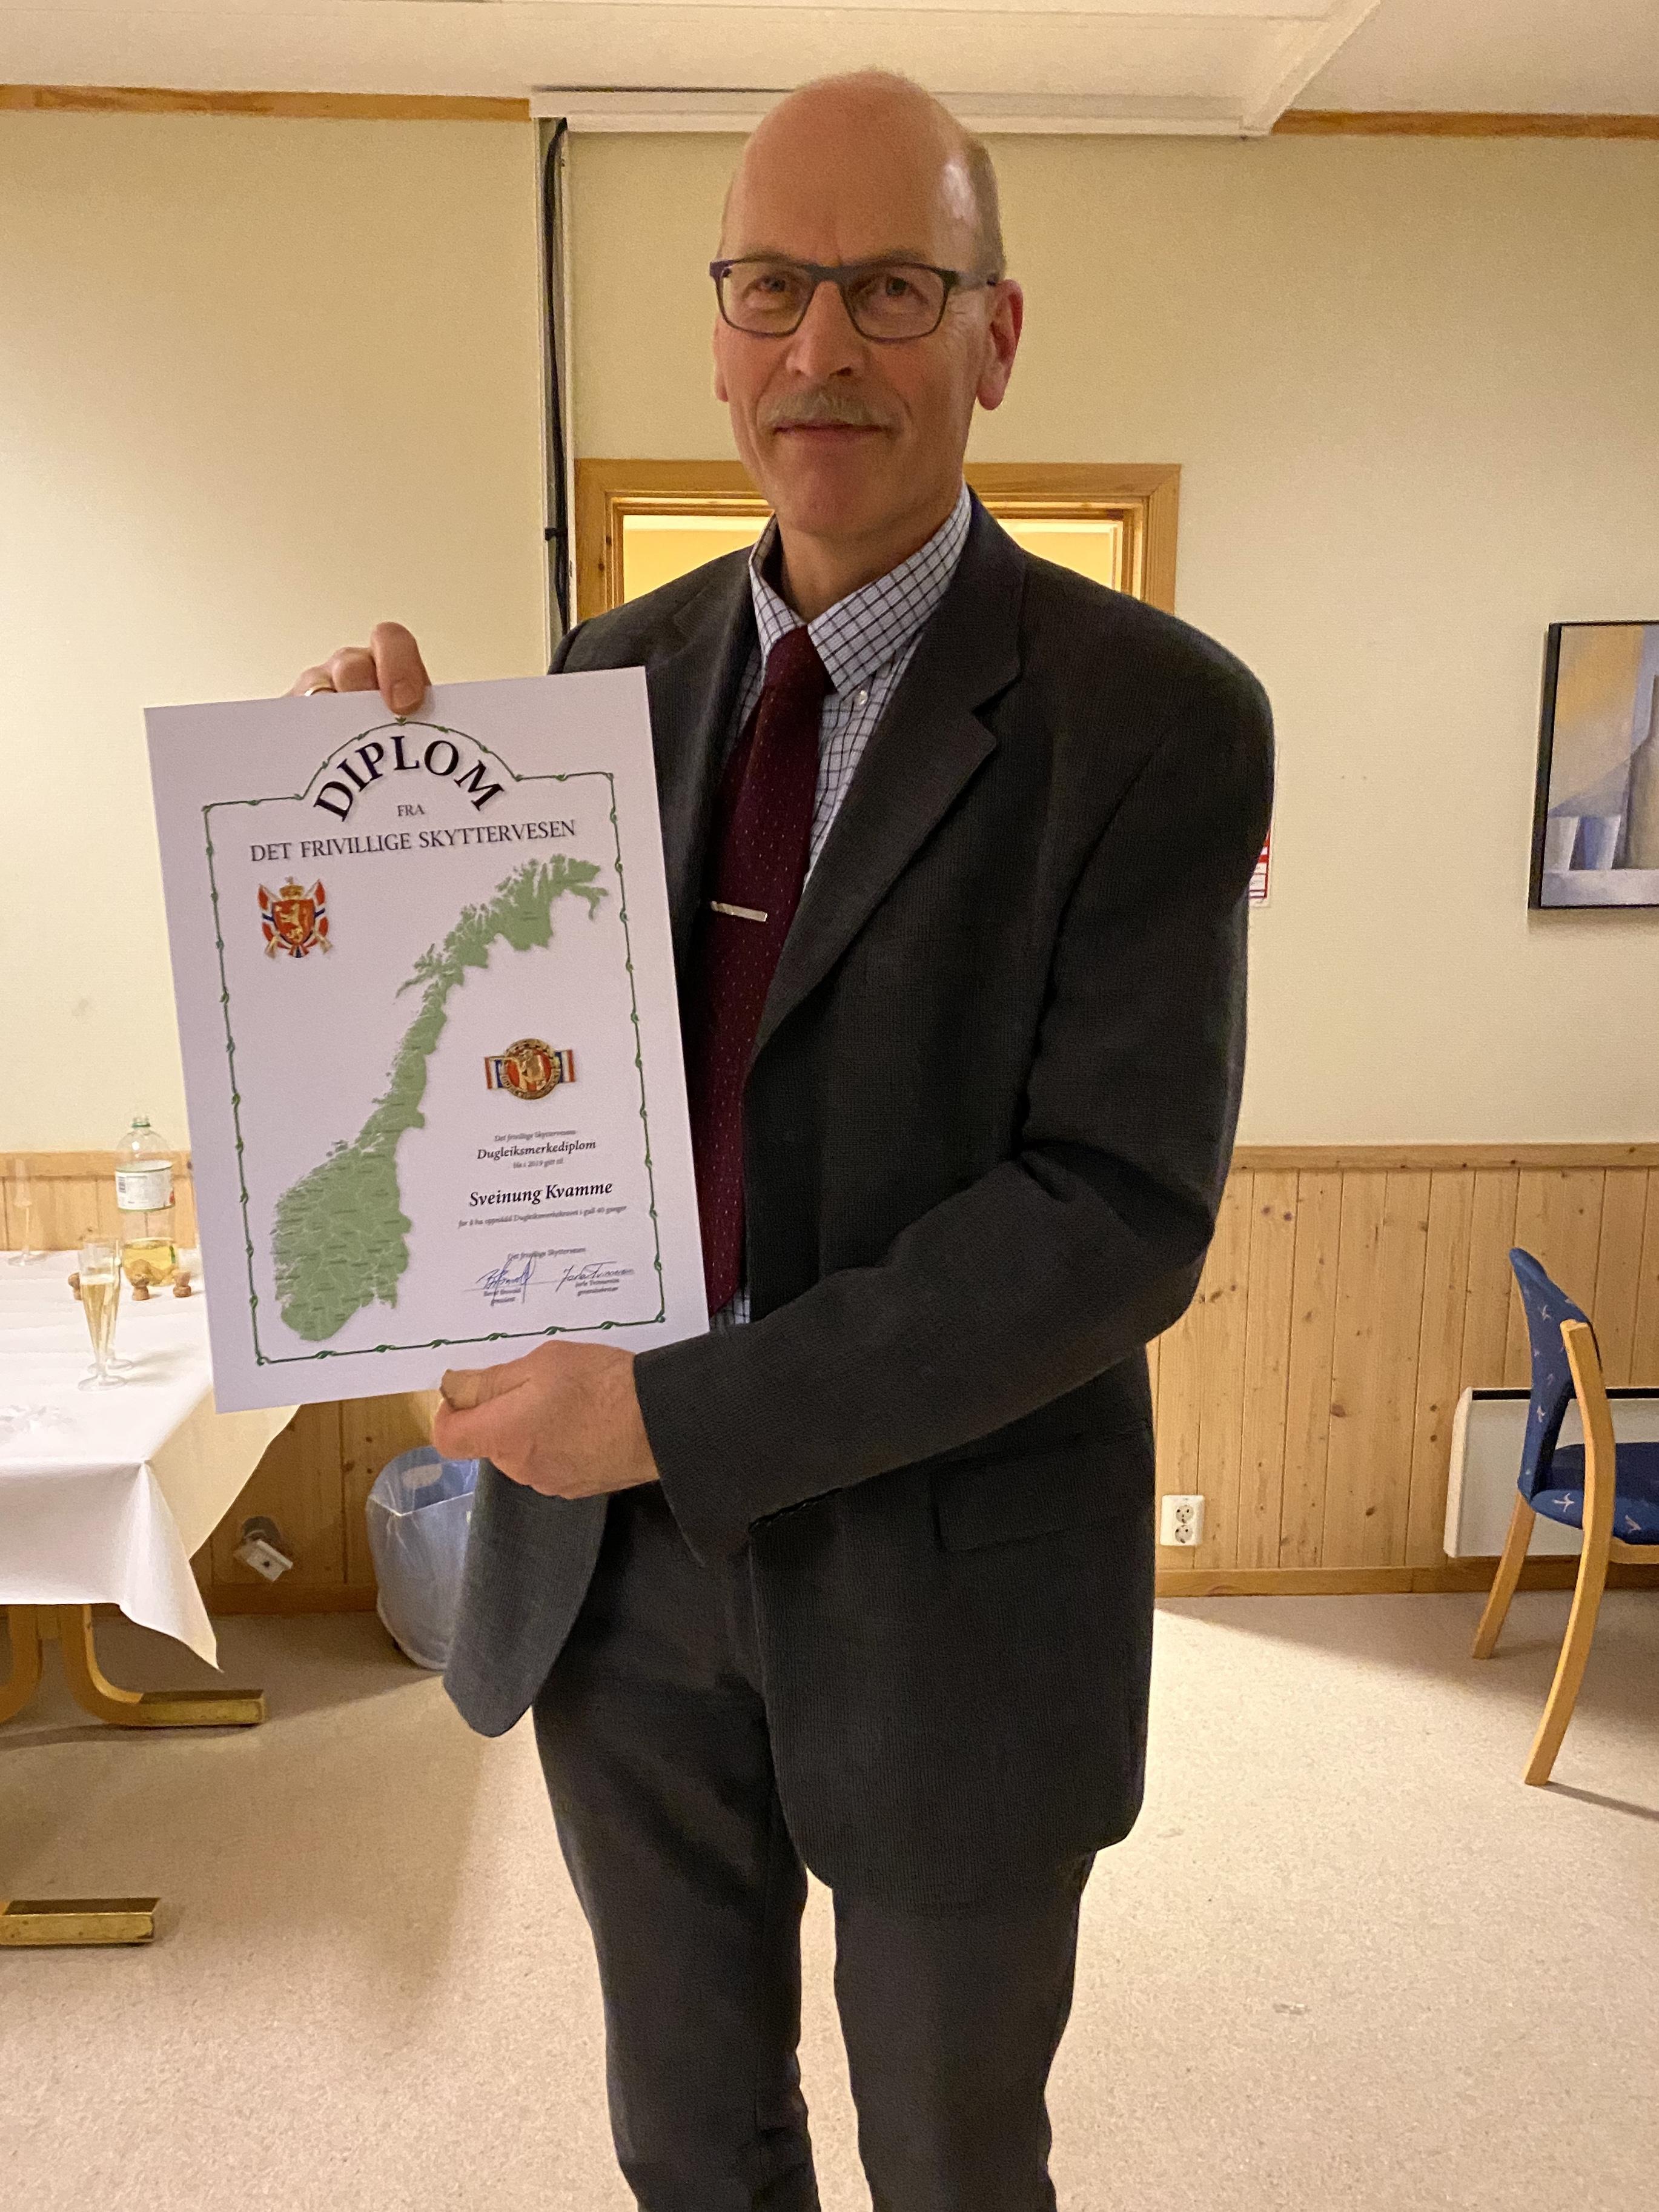 Sveinung mottok diplom for å ha skutt til Dugleiksmerket til gull 40 ganger!